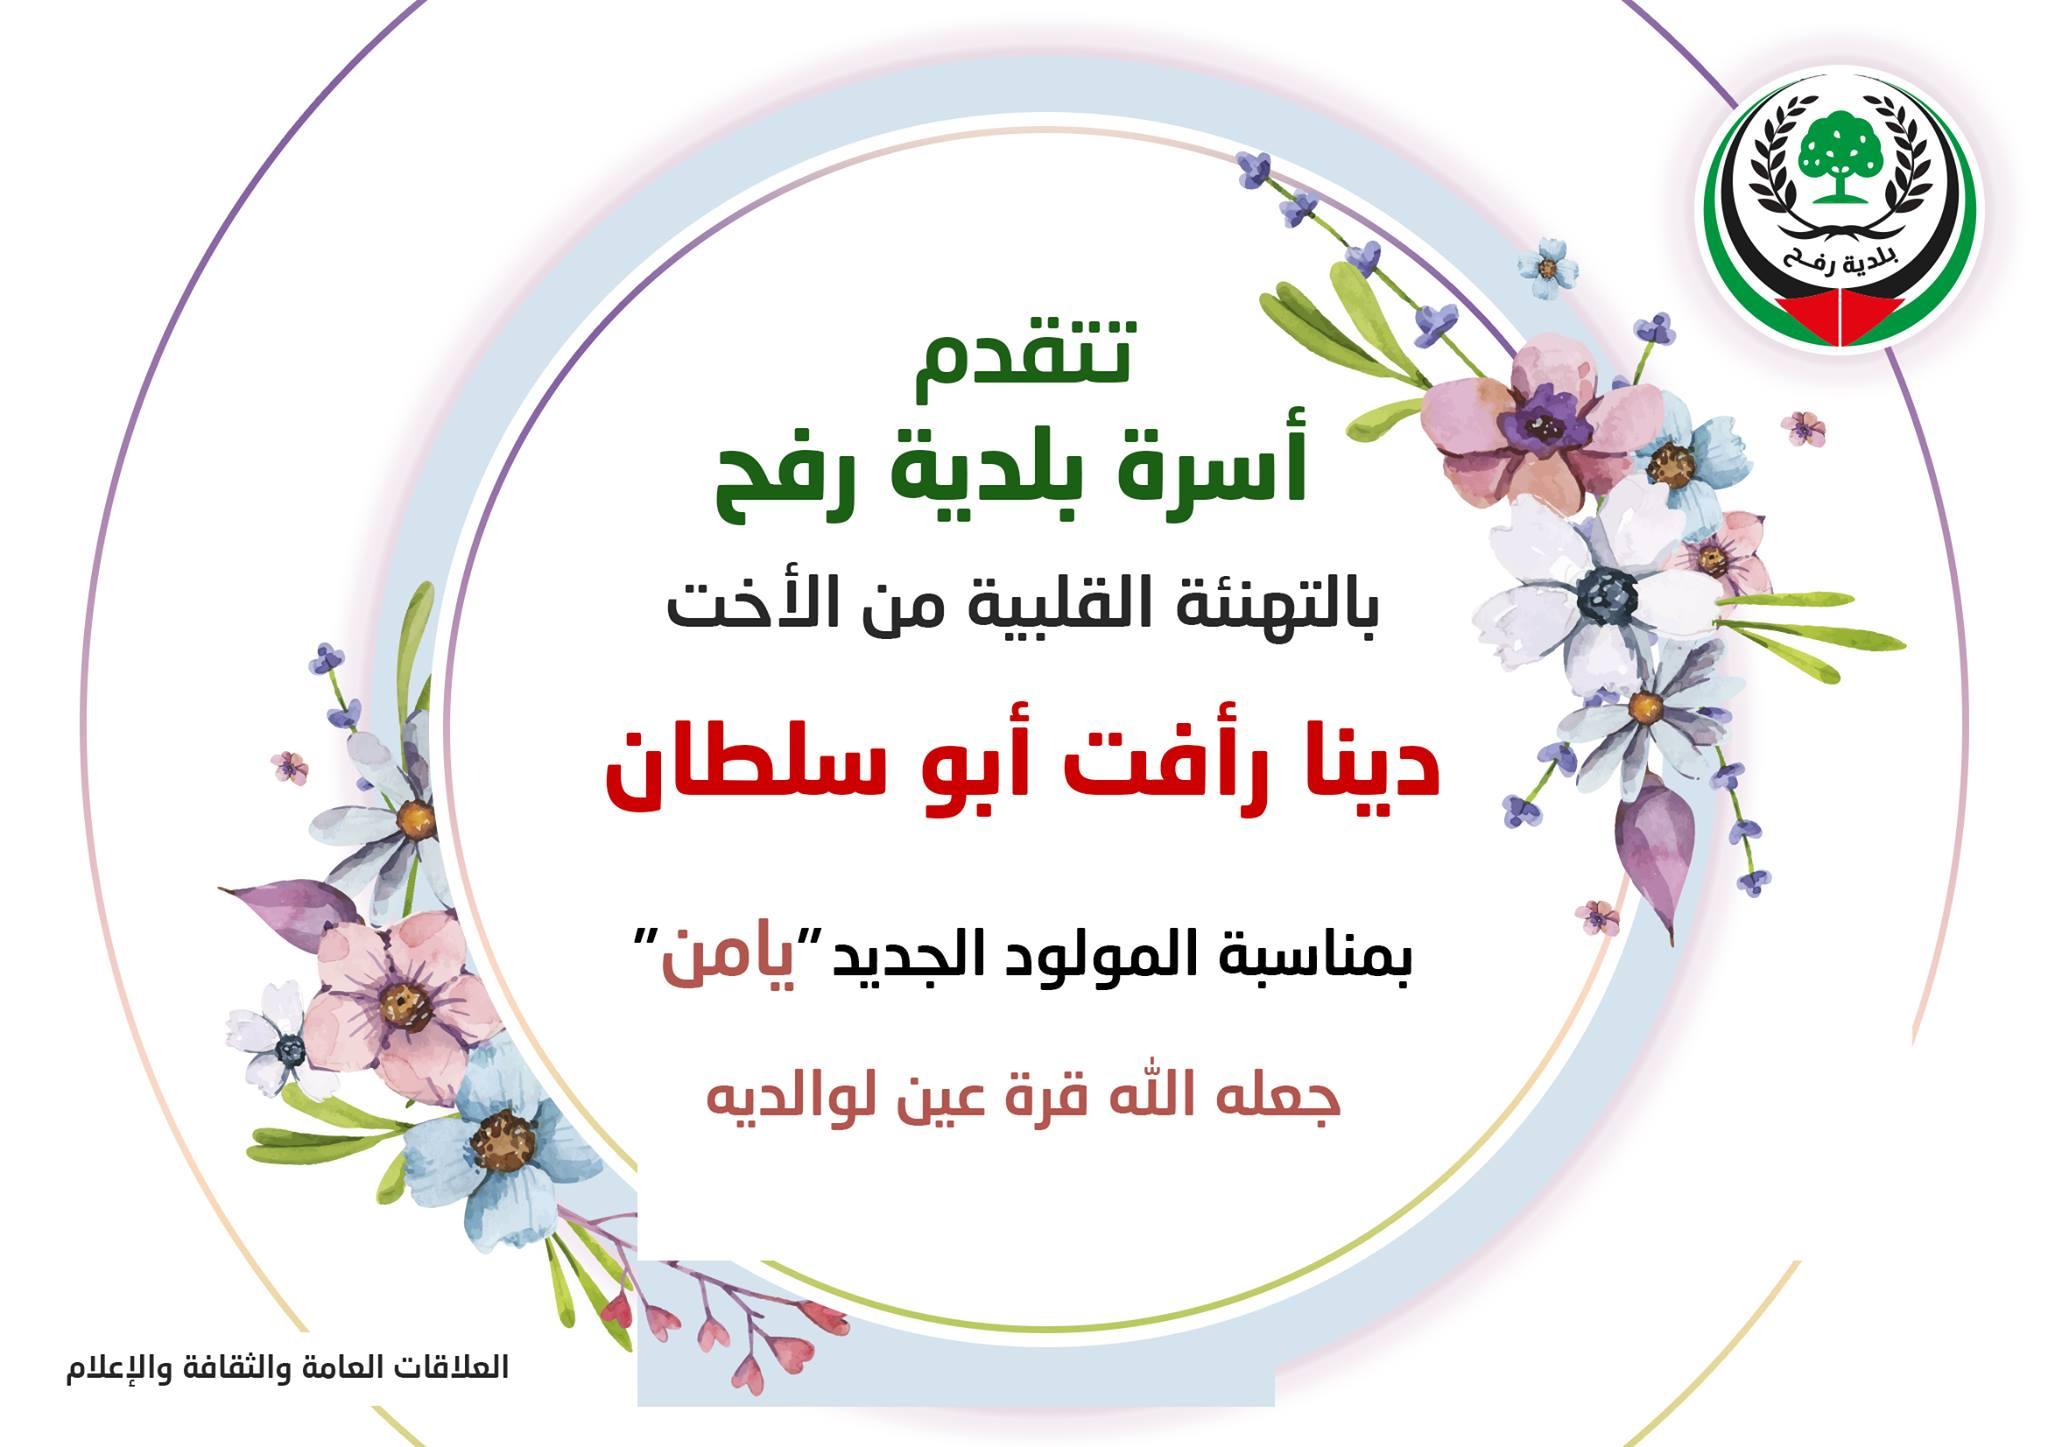 تهنئة للزميلة دينا أبو سلطان بالمولود الجديد